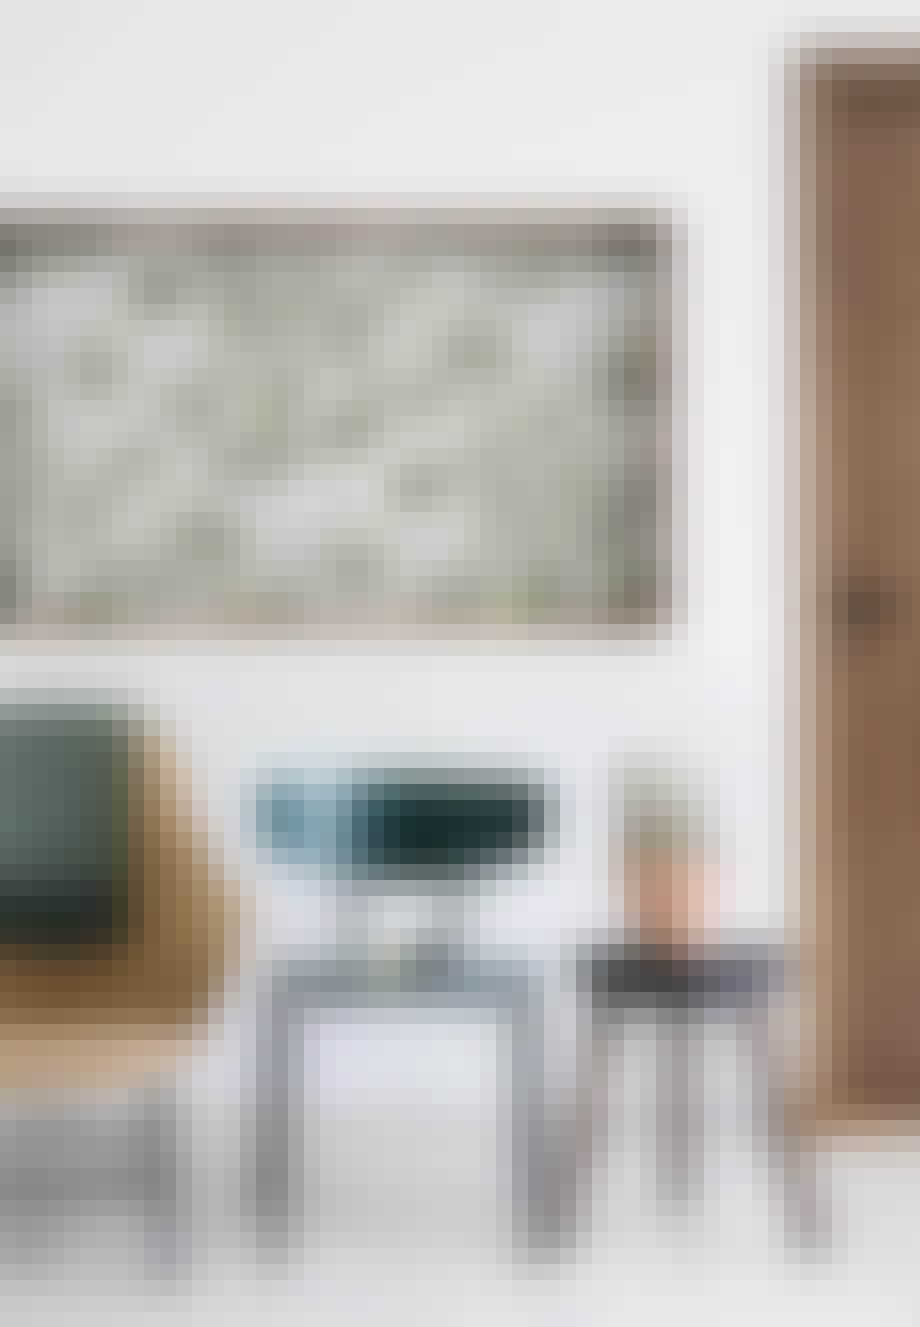 Designelementer anno 2017 i Arne Jacobsens hus